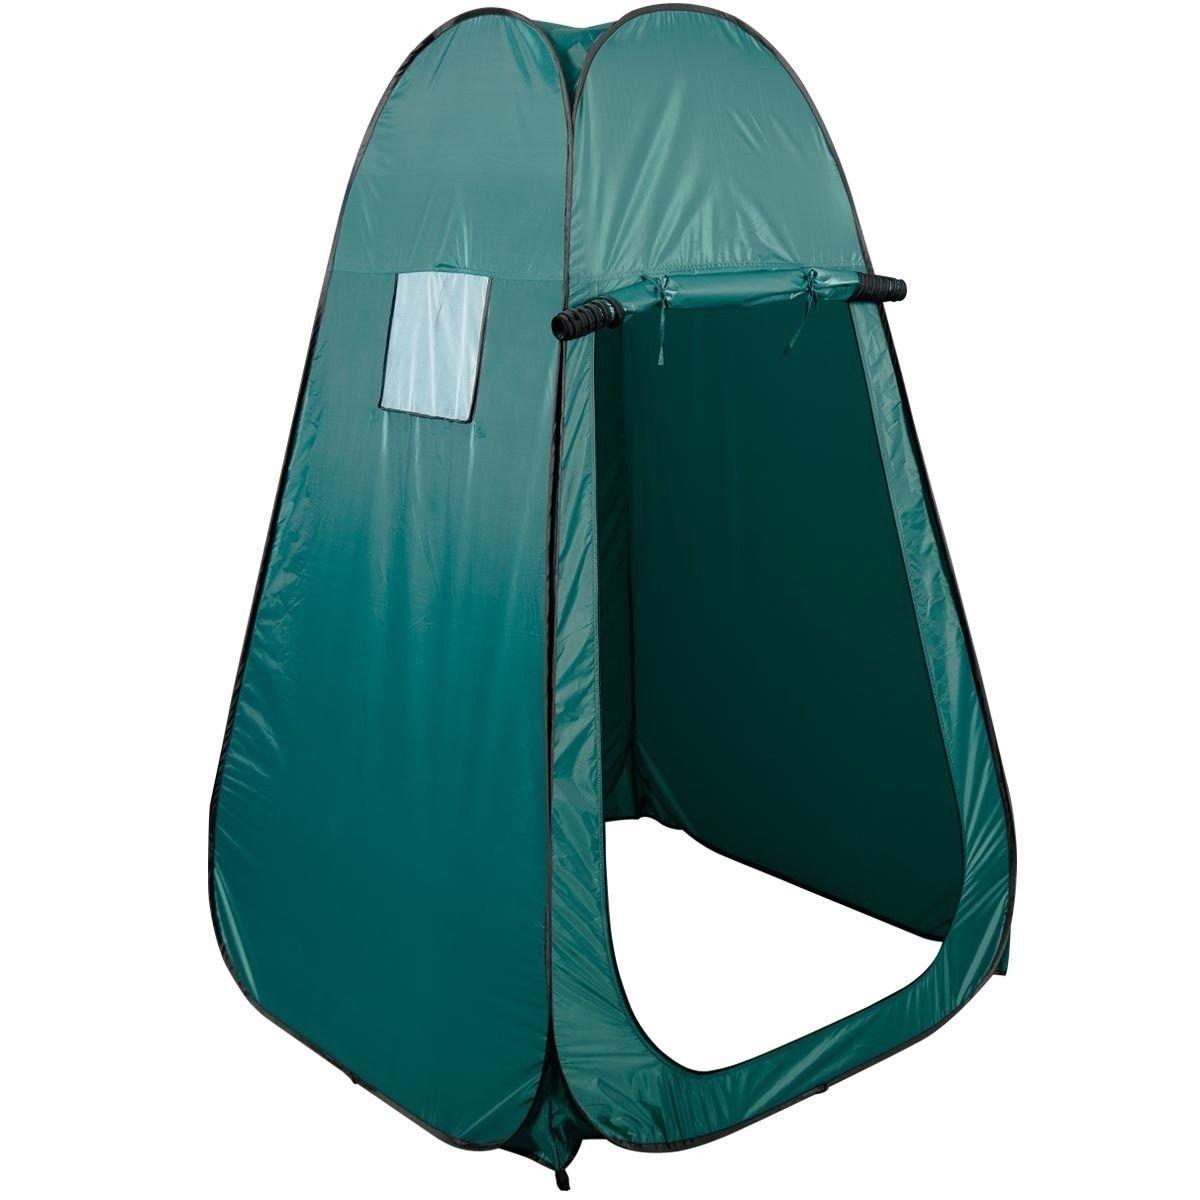 Generic NV_1008000885_YC-US2 GreenFis Toilet Changing Bathi Portable Pop ilet Tent Camping ing T UP Fishing & Bathing ampin Room Green Portabl by Generic (Image #2)